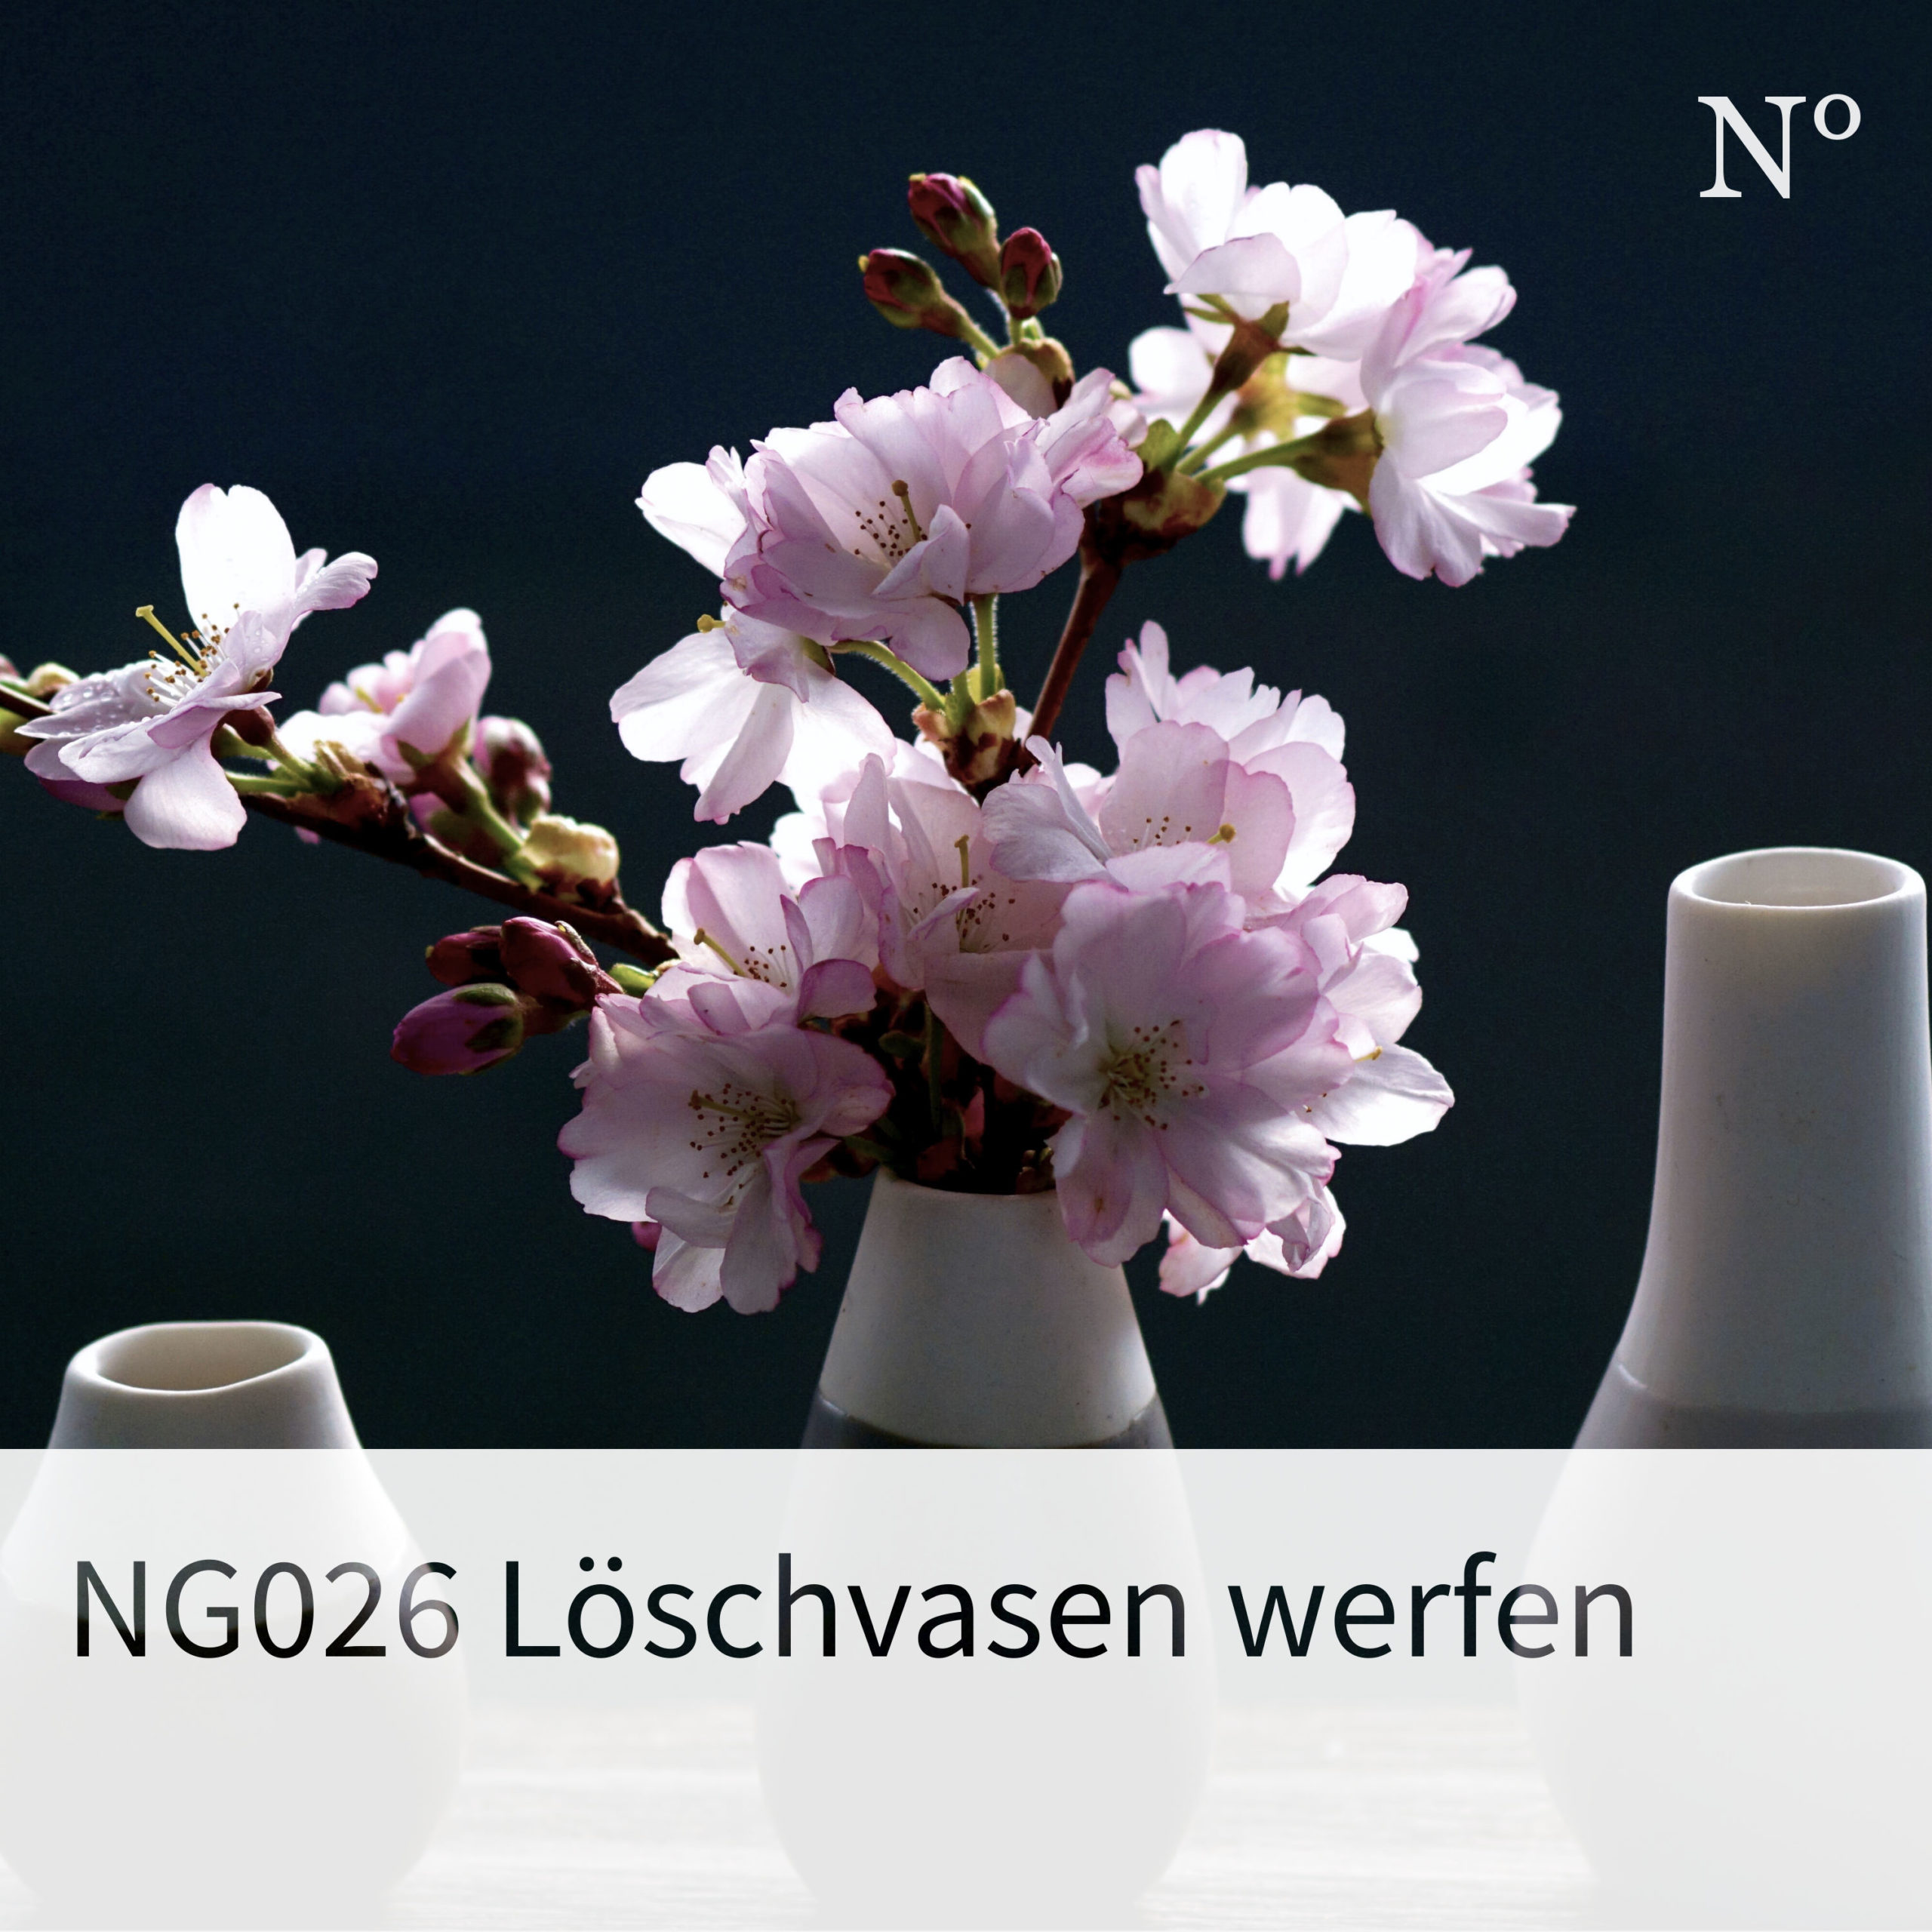 NG026 Löschvasen werfen